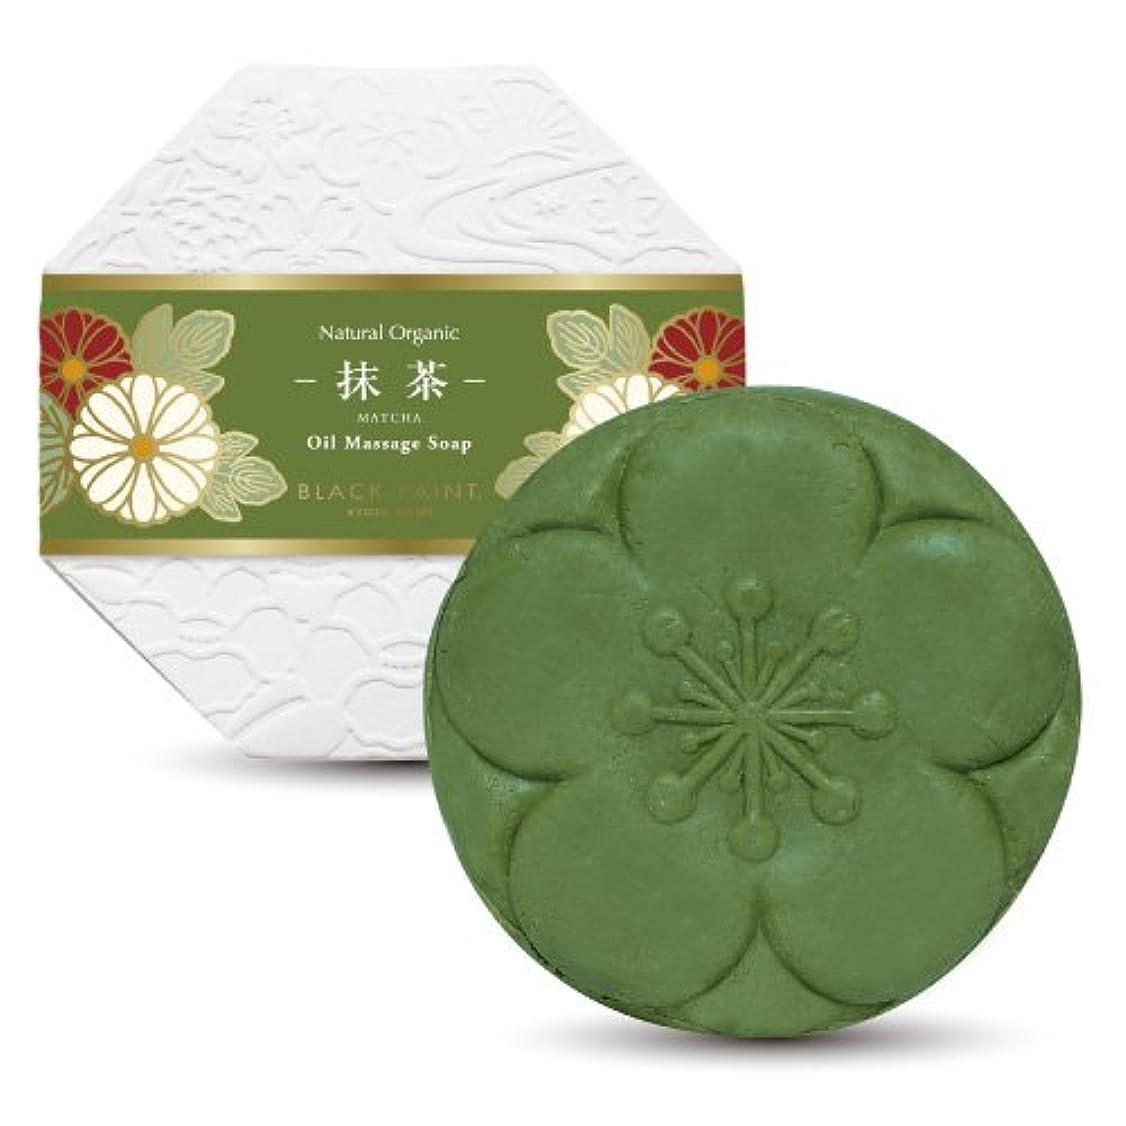 勤勉な試みる唇京のお茶石鹸 抹茶 120g 塗る石鹸